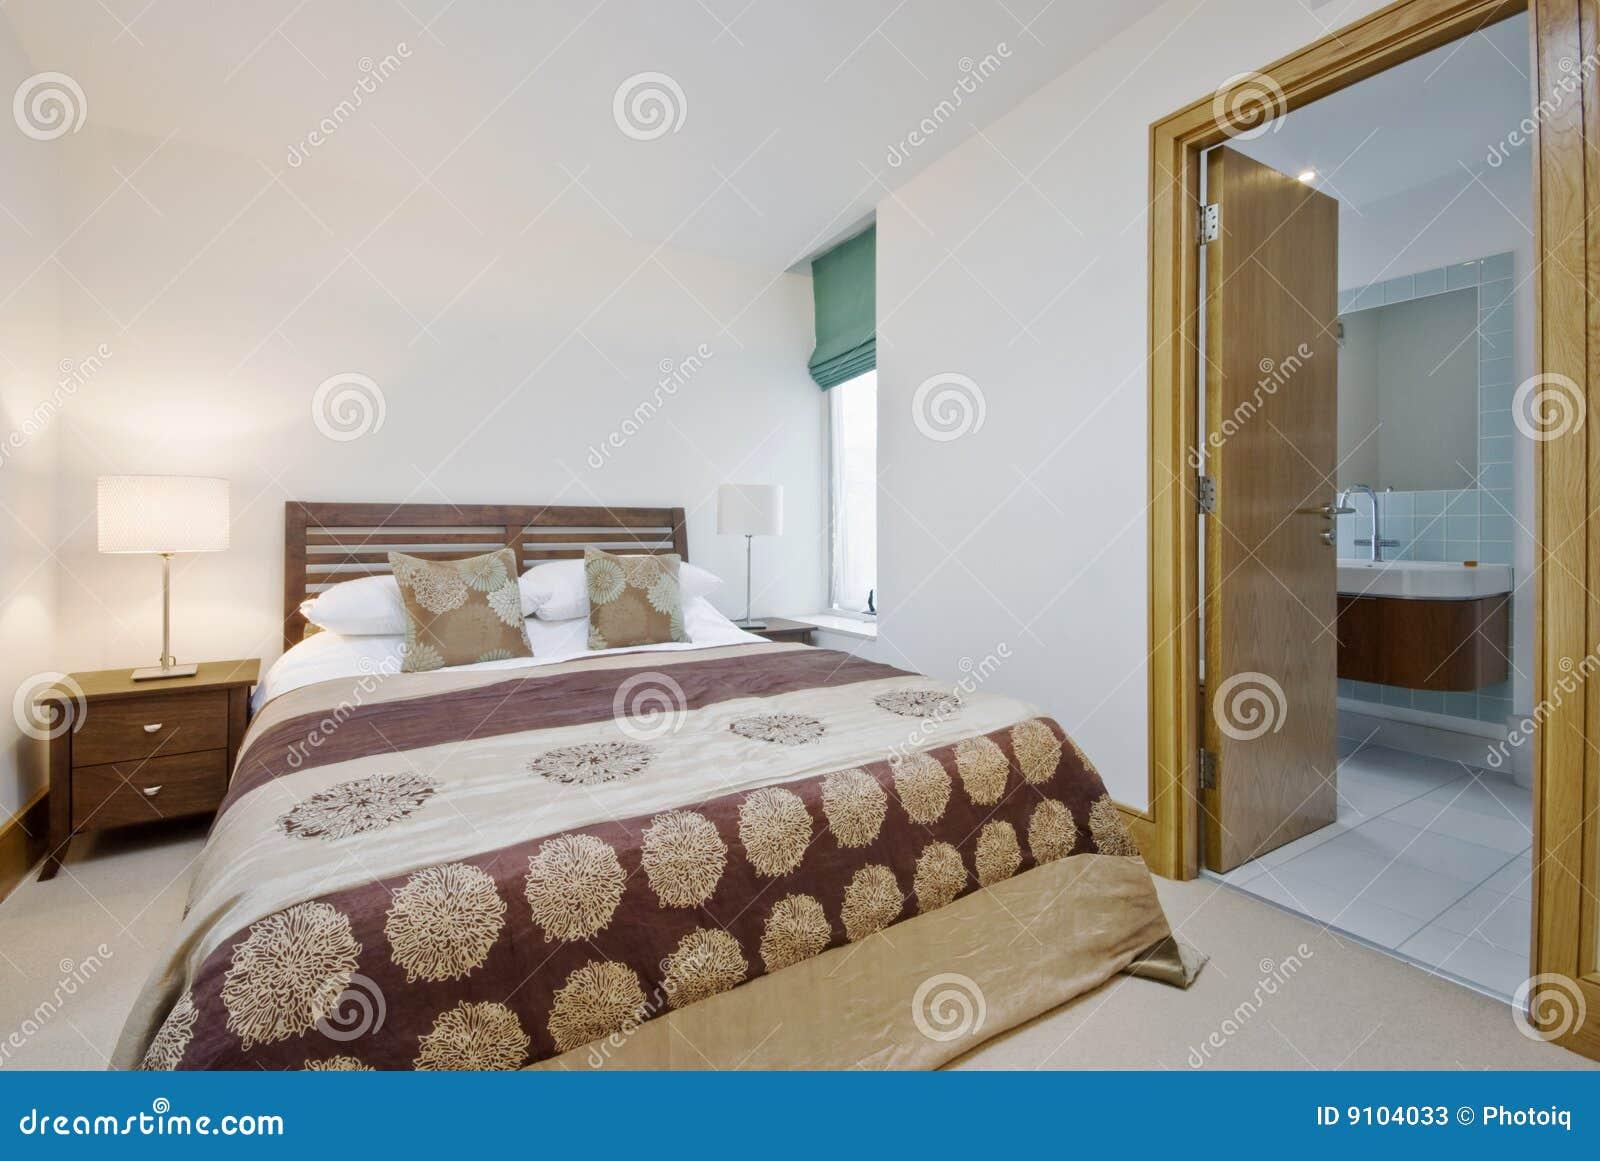 Camera da letto con la porta aperta alla stanza da bagno della en serie immagine stock - I segreti della camera da letto ...